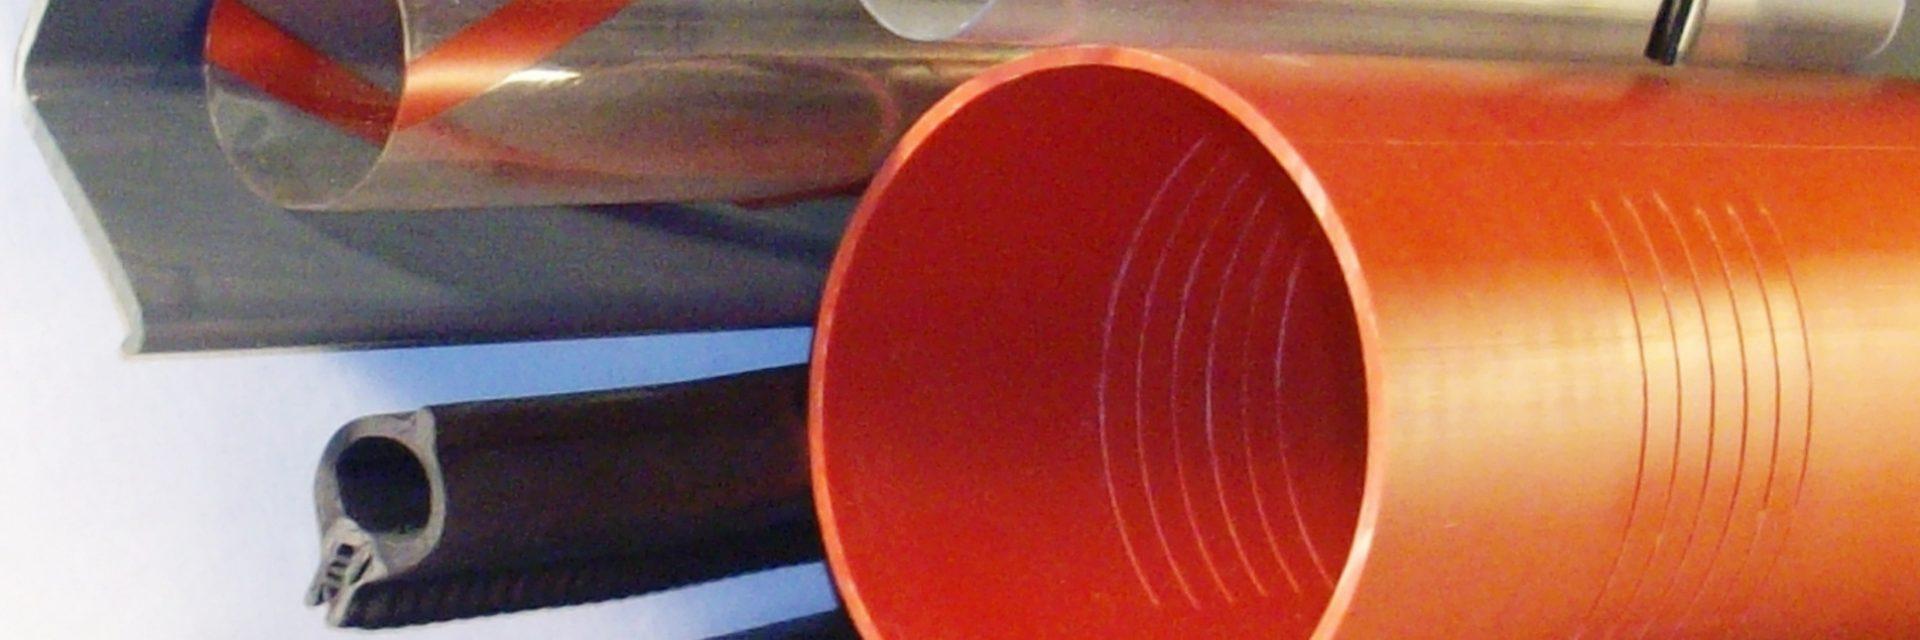 40 anni di esperienza nella lavorazione delle materie plastiche